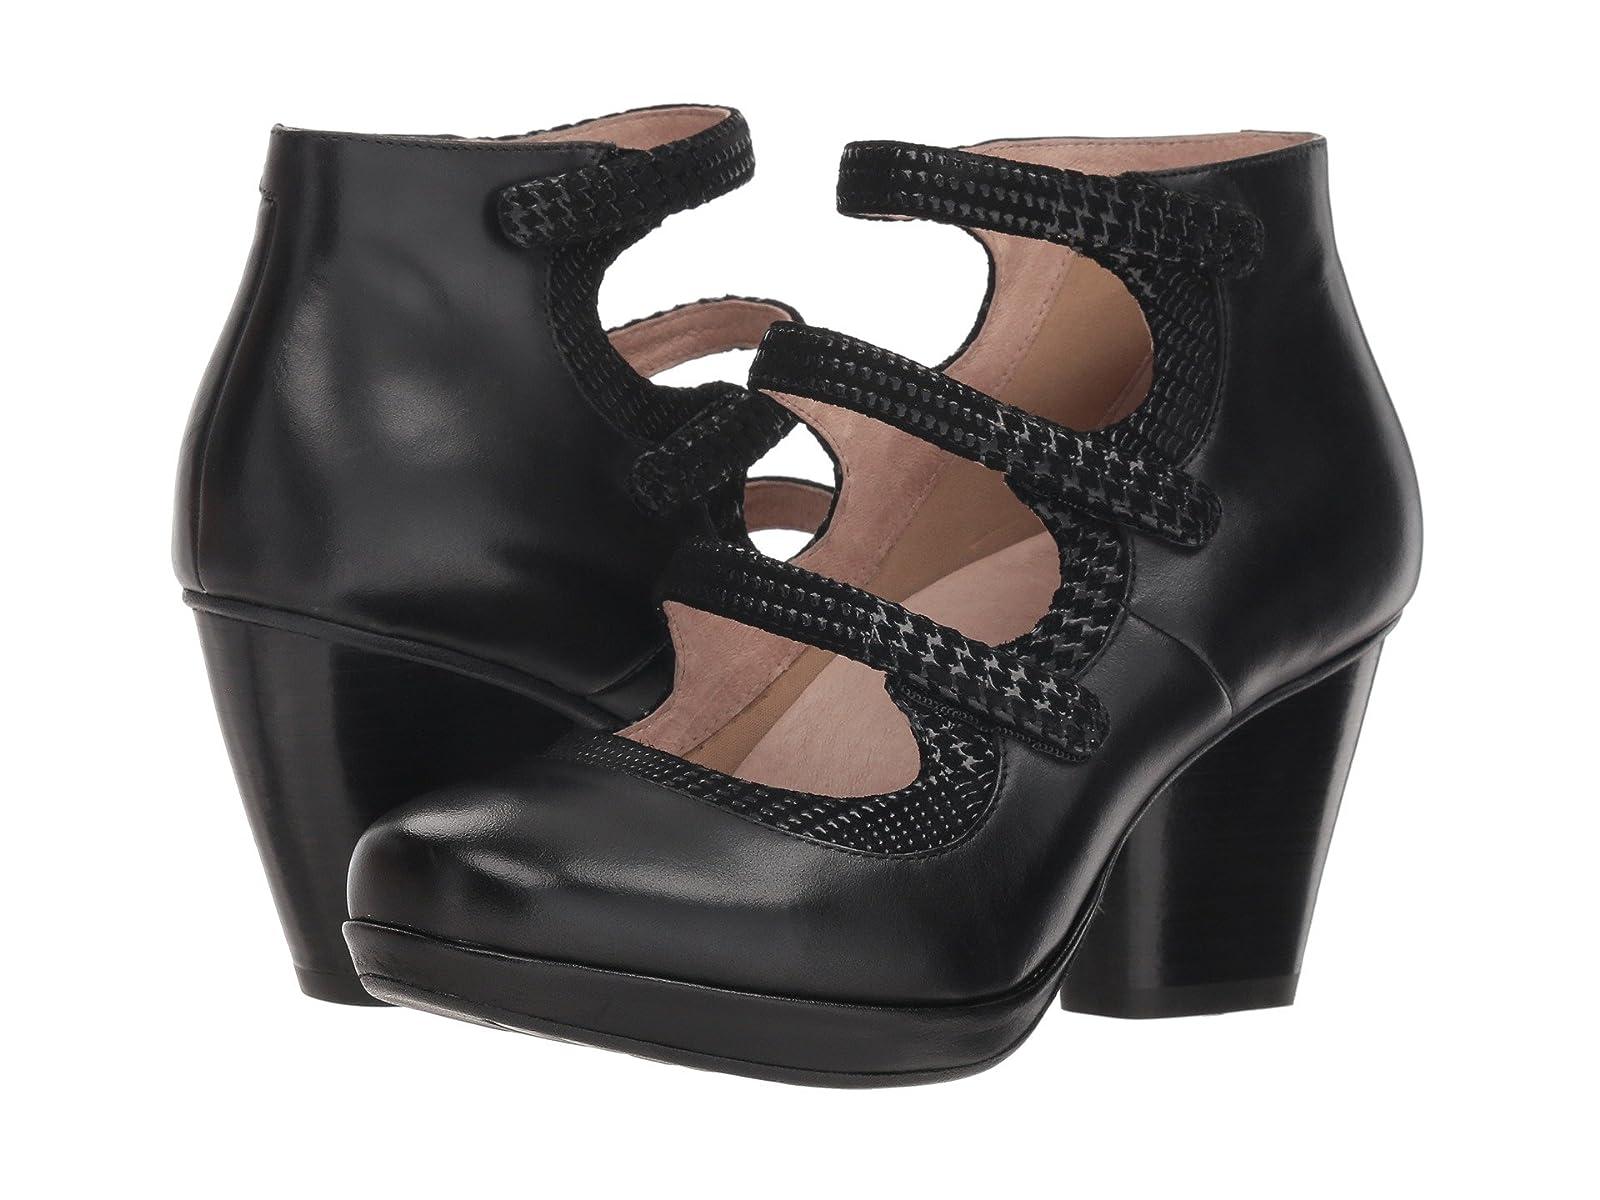 Dansko MarleneAtmospheric grades have affordable shoes